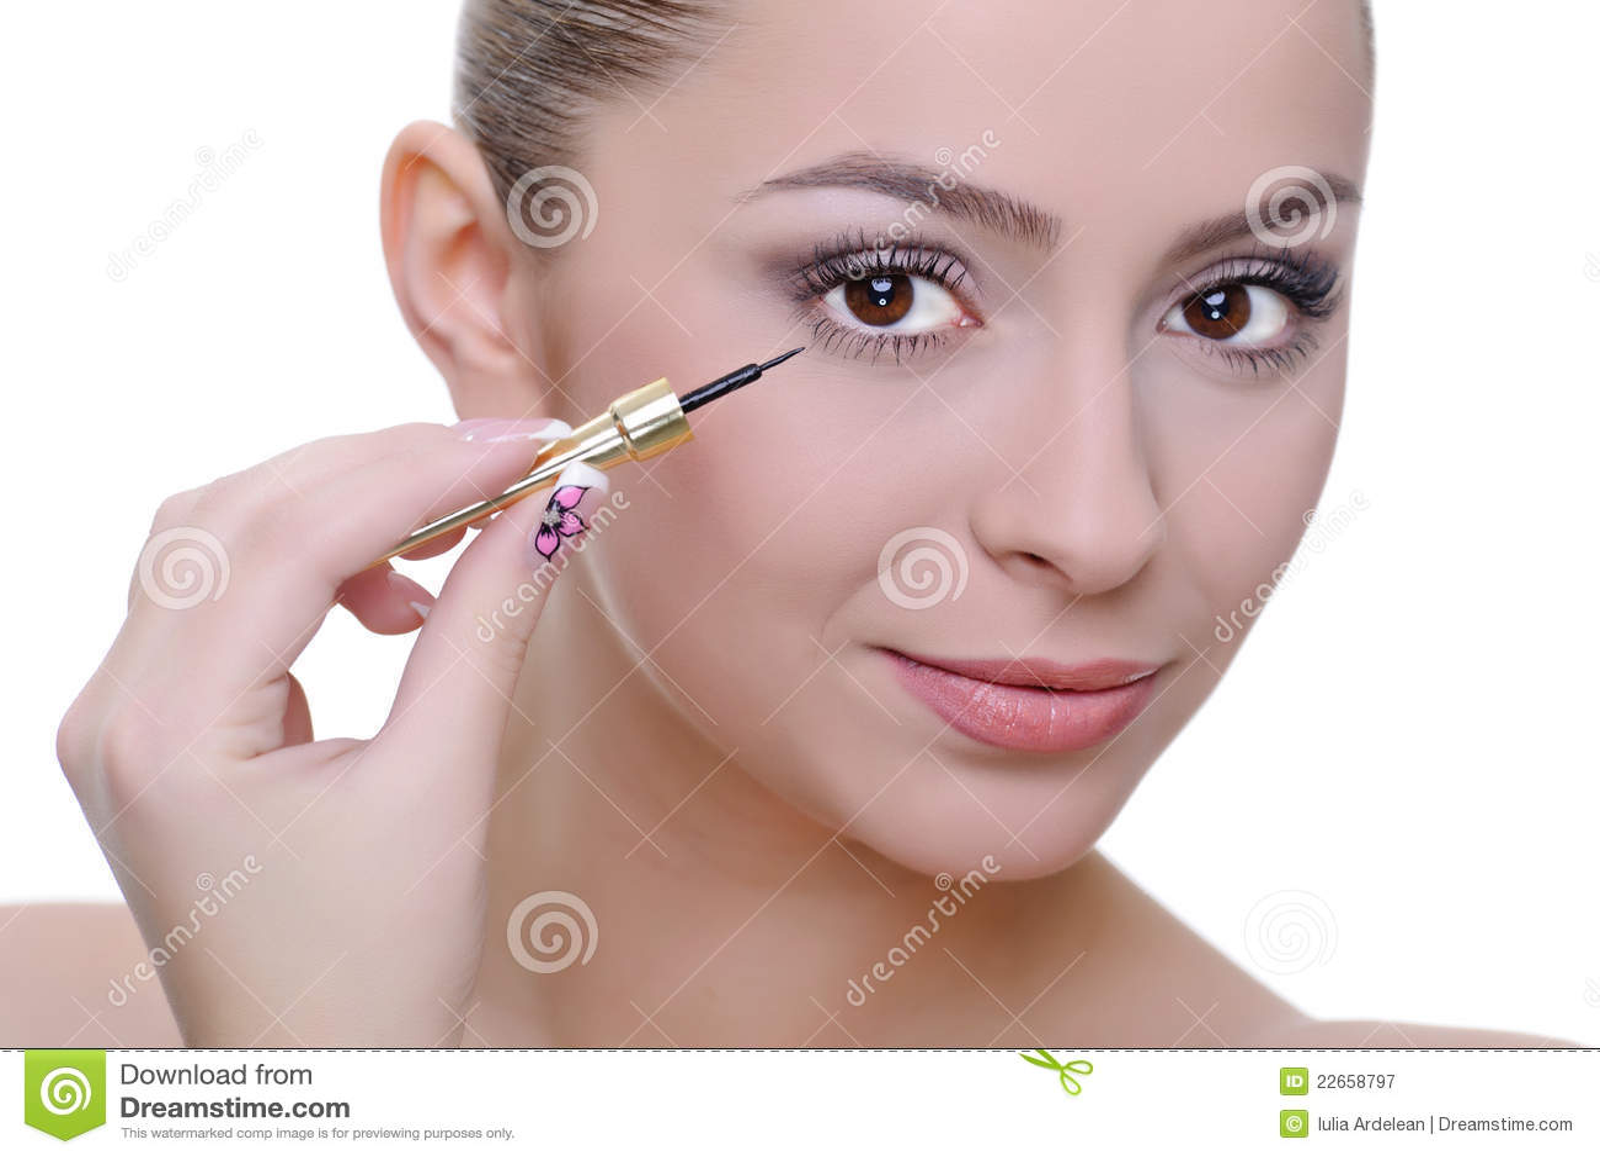 Aplicación de eye-liner